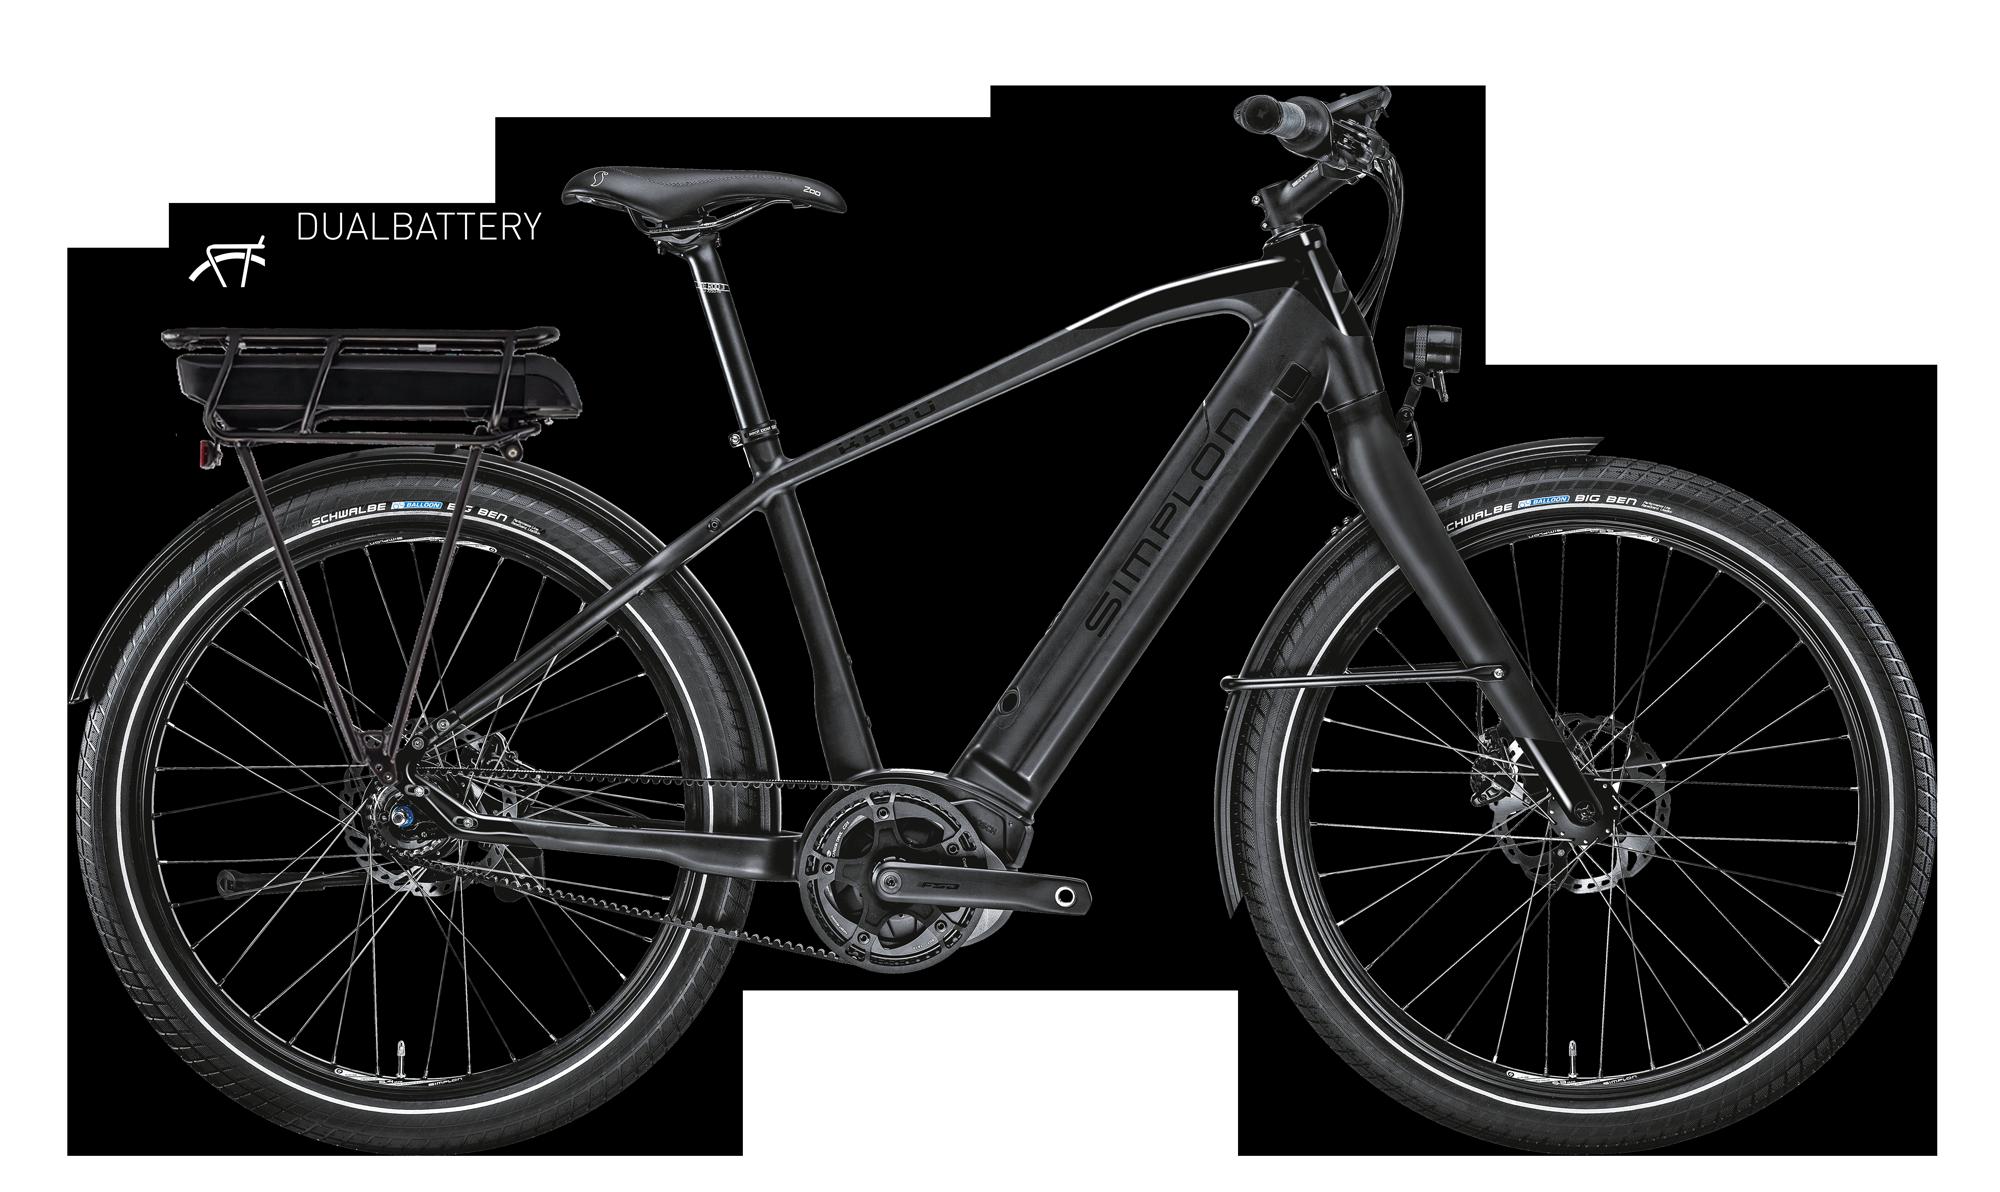 trekking e bikes fahrradshop in rosenheim ihr kerscher team steht zur seite. Black Bedroom Furniture Sets. Home Design Ideas